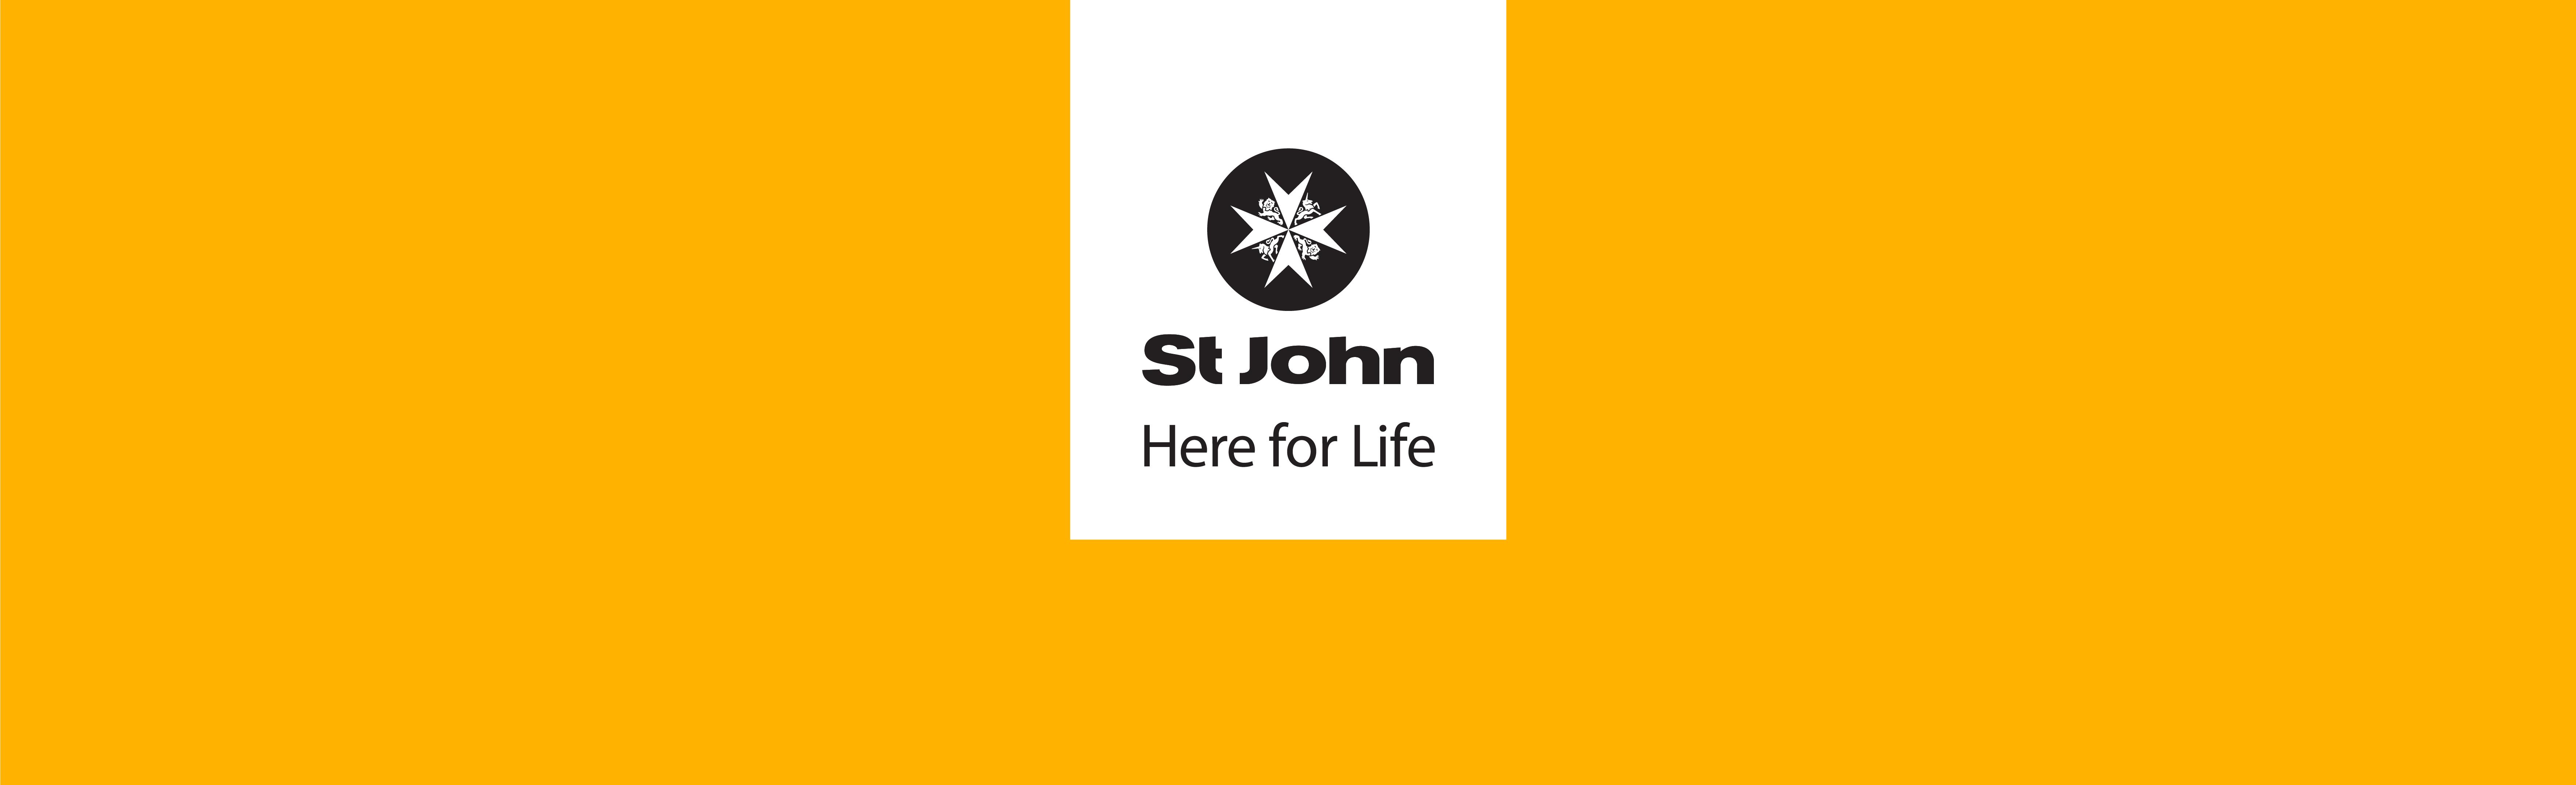 StJohns banner-01-2